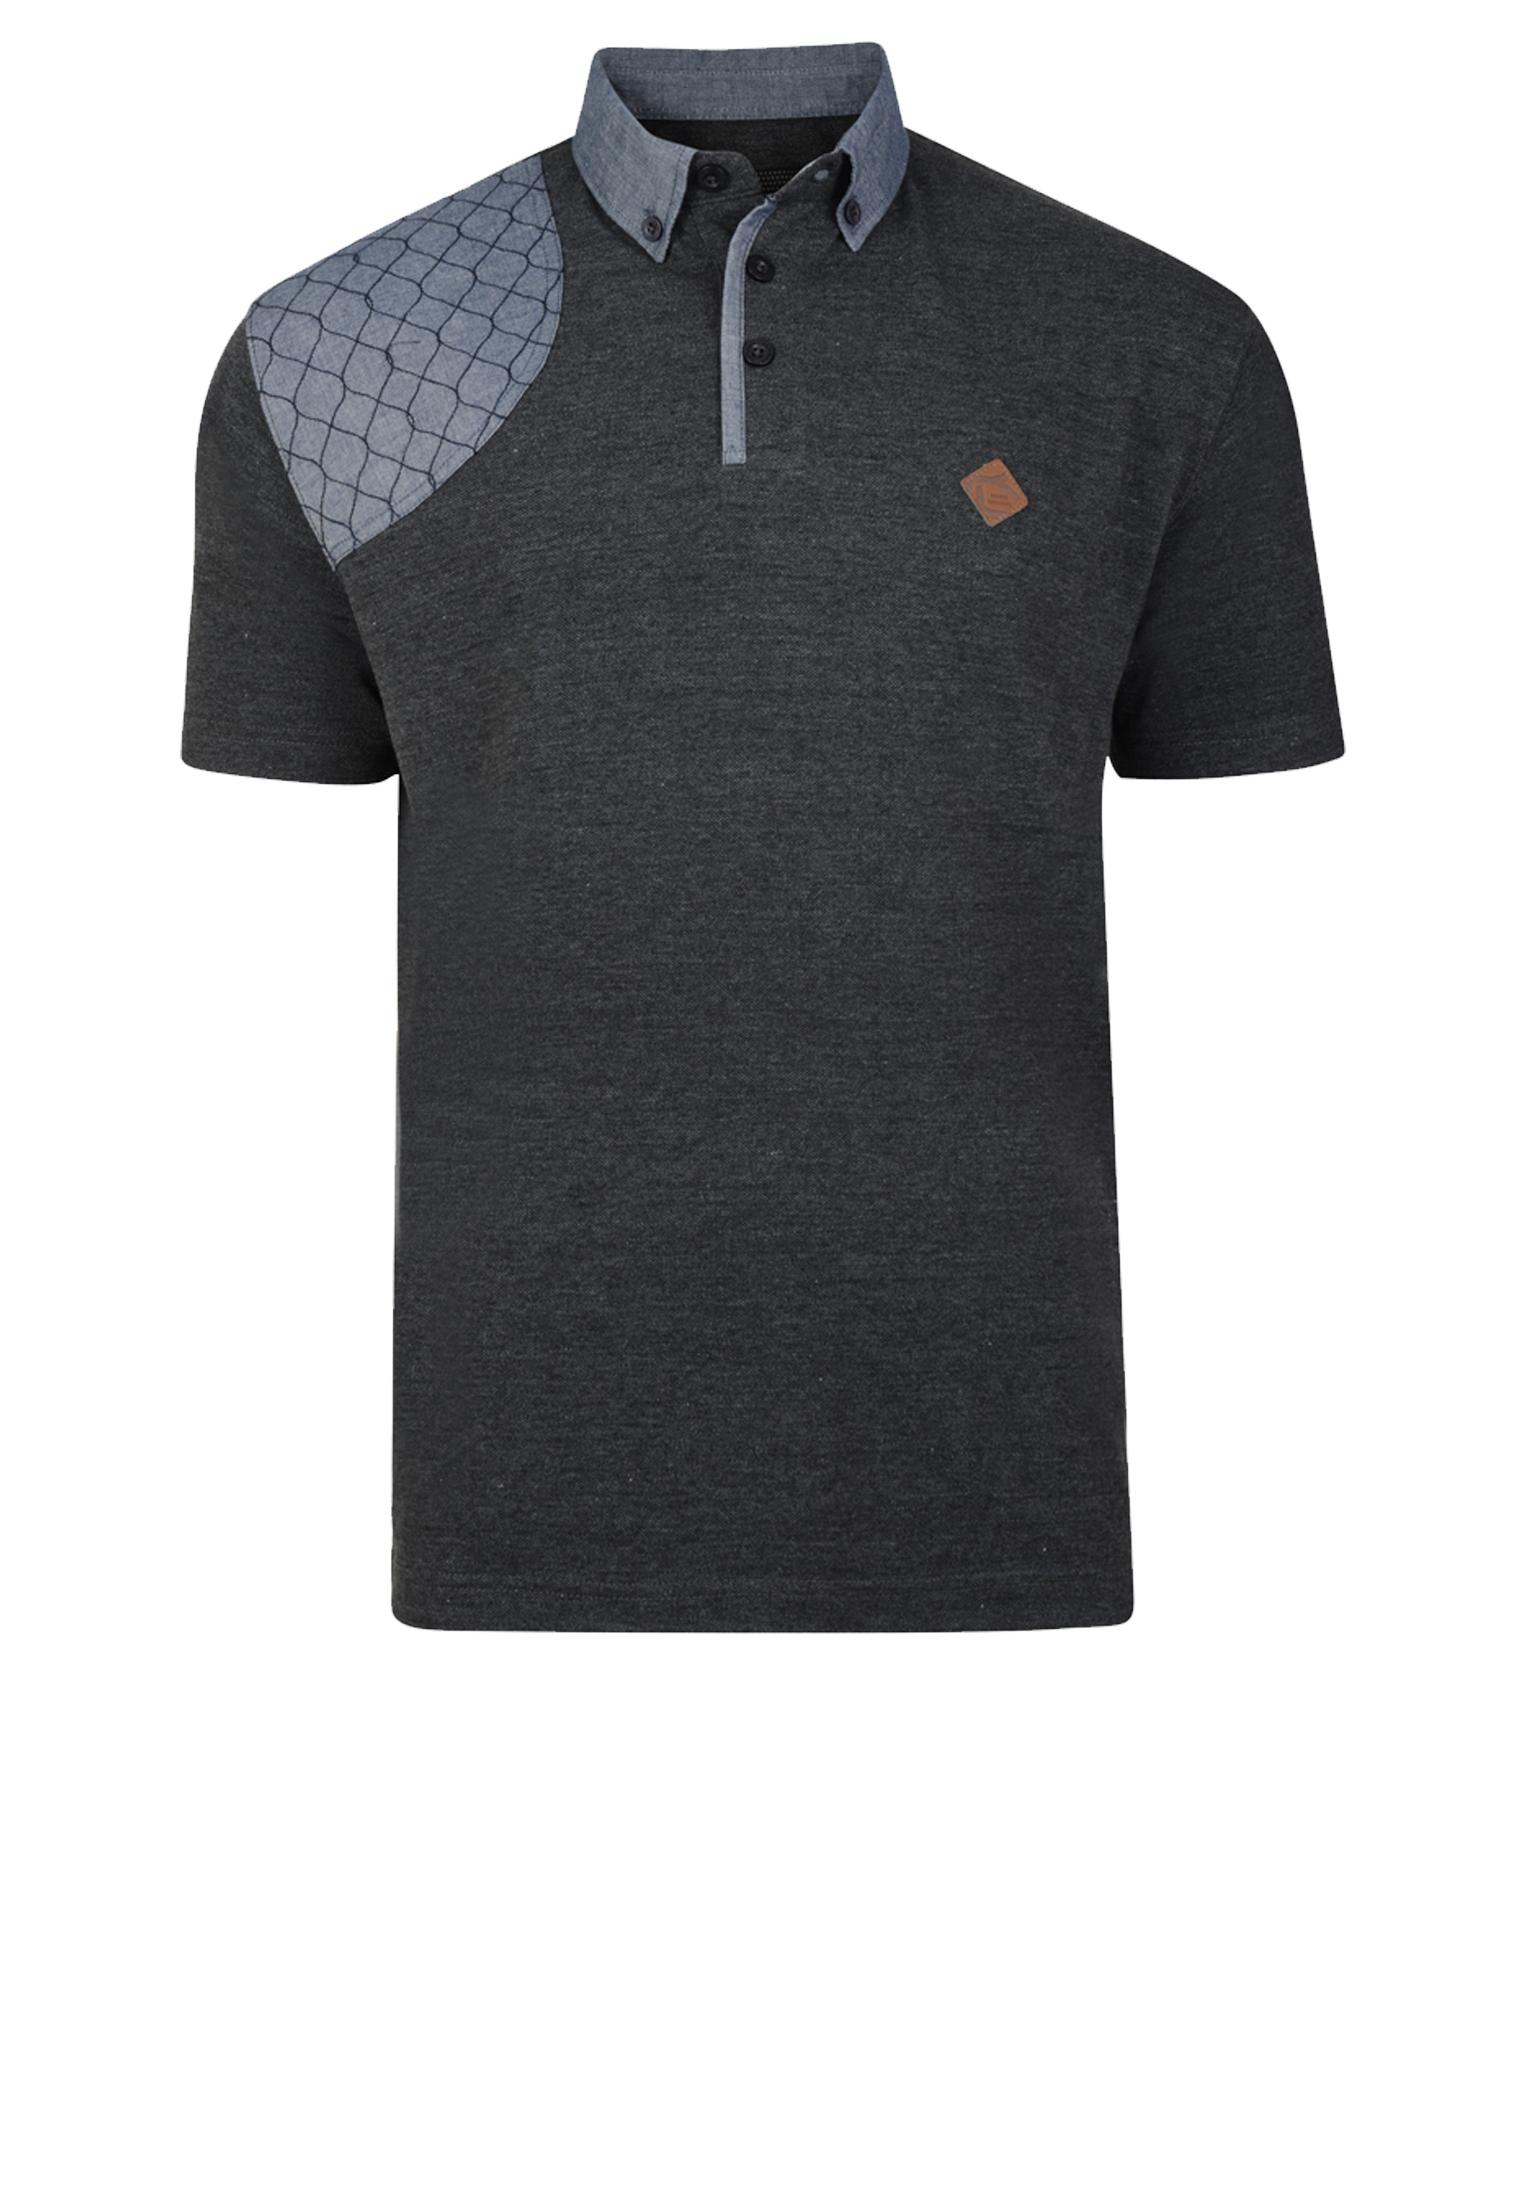 Polo met korte mouw van het merk KAMJEANS met een borst zakje op de linker voorkant waarop een print staat. De polo heeft een grijze contrast aan de kraag, rechter schouder en onder de knooplijst. In de kleur Donker grijs.